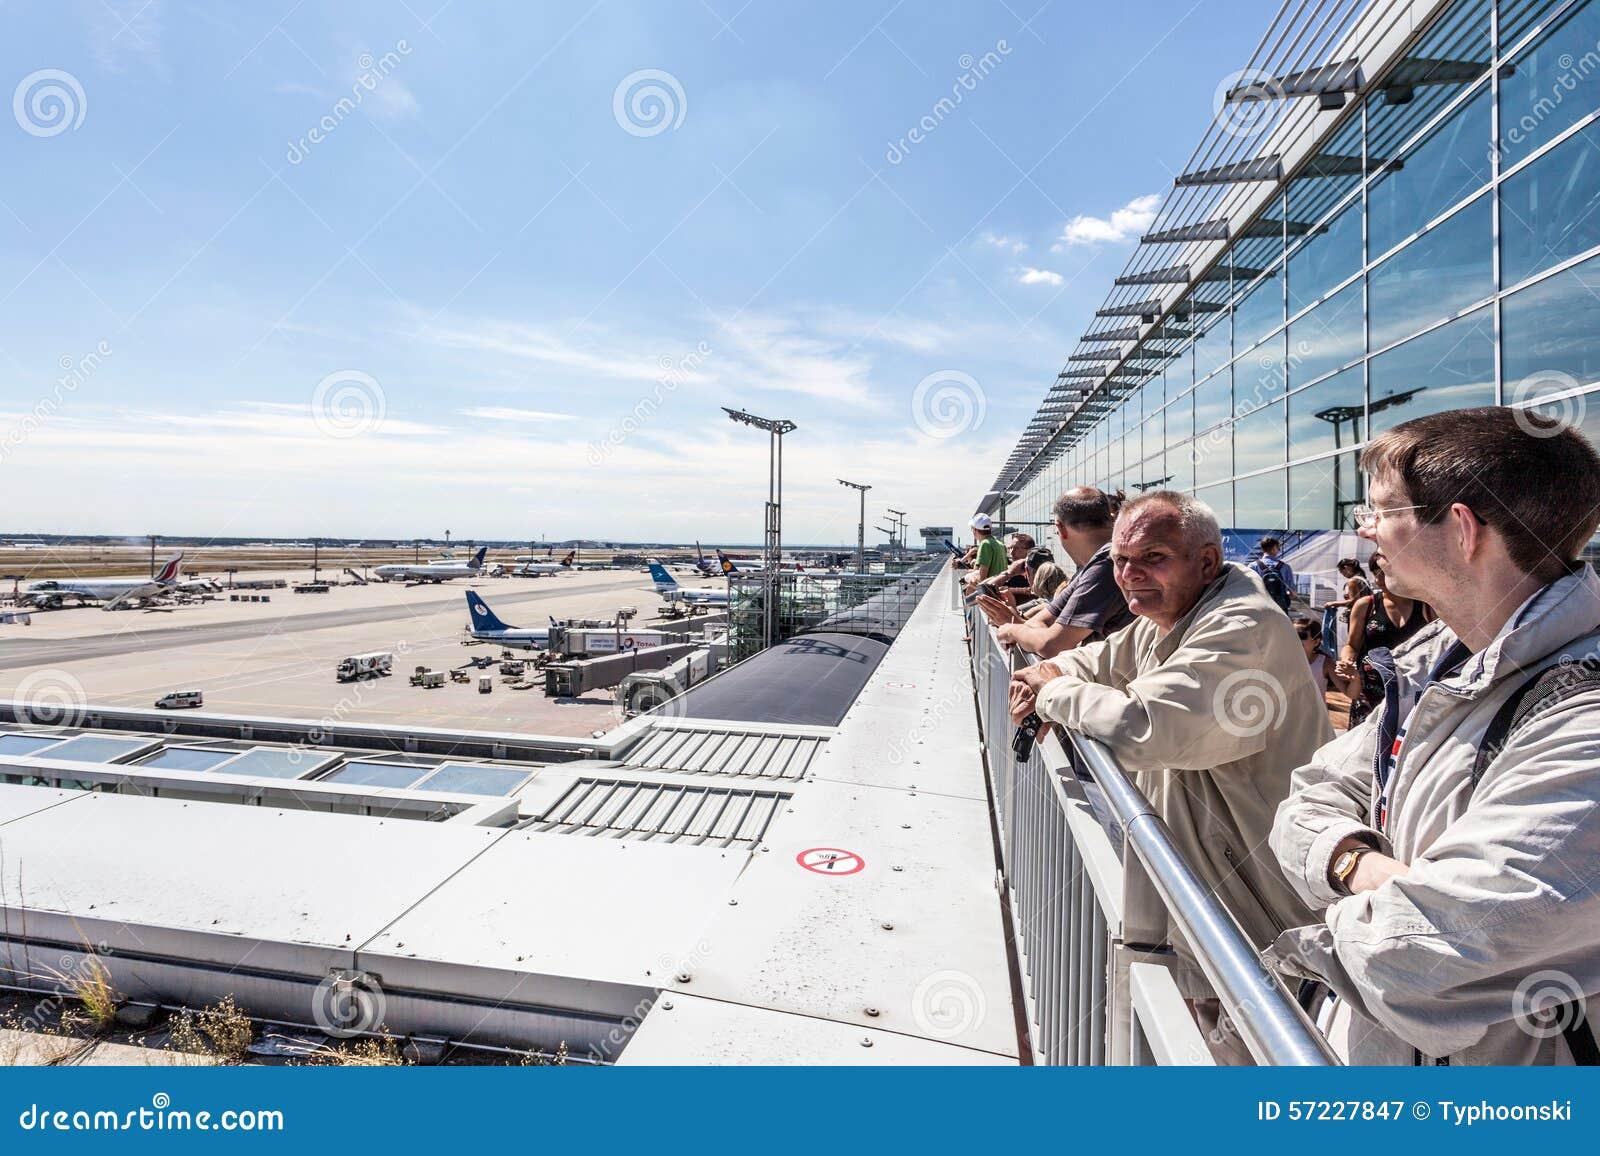 Leute An Der Besucher Terrasse In Frankfurt Flughafen Redaktionelles